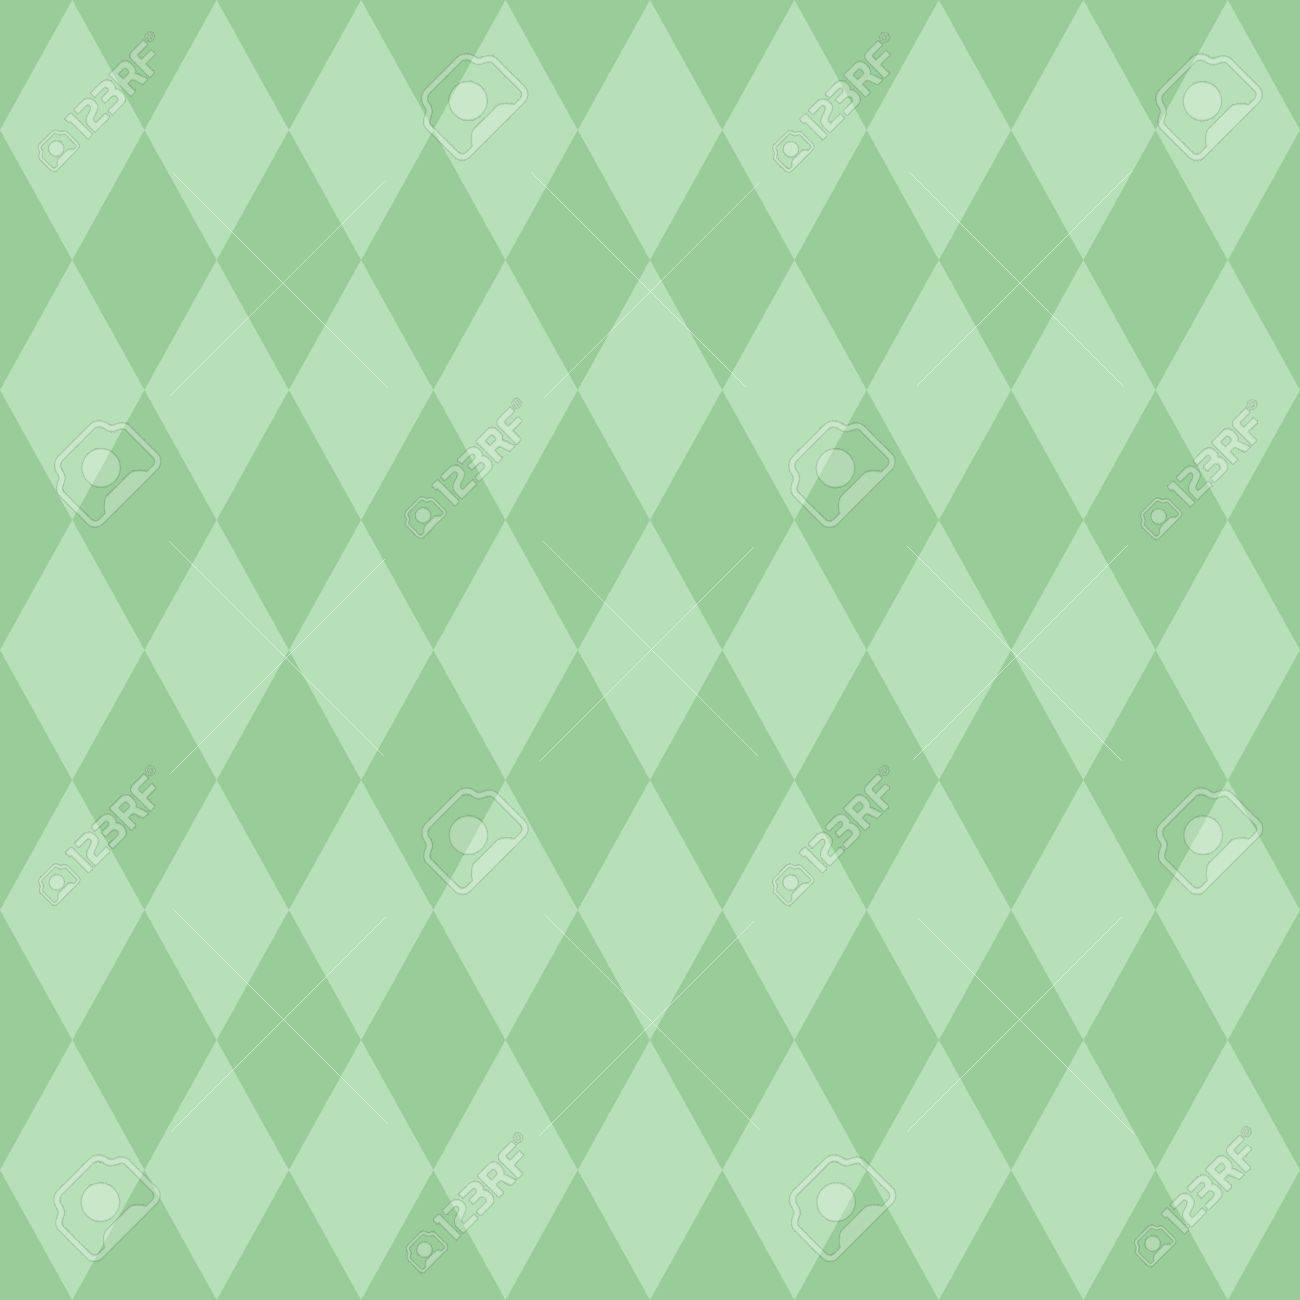 タイル ベクトル パターンやミント グリーンの壁紙の背景のイラスト